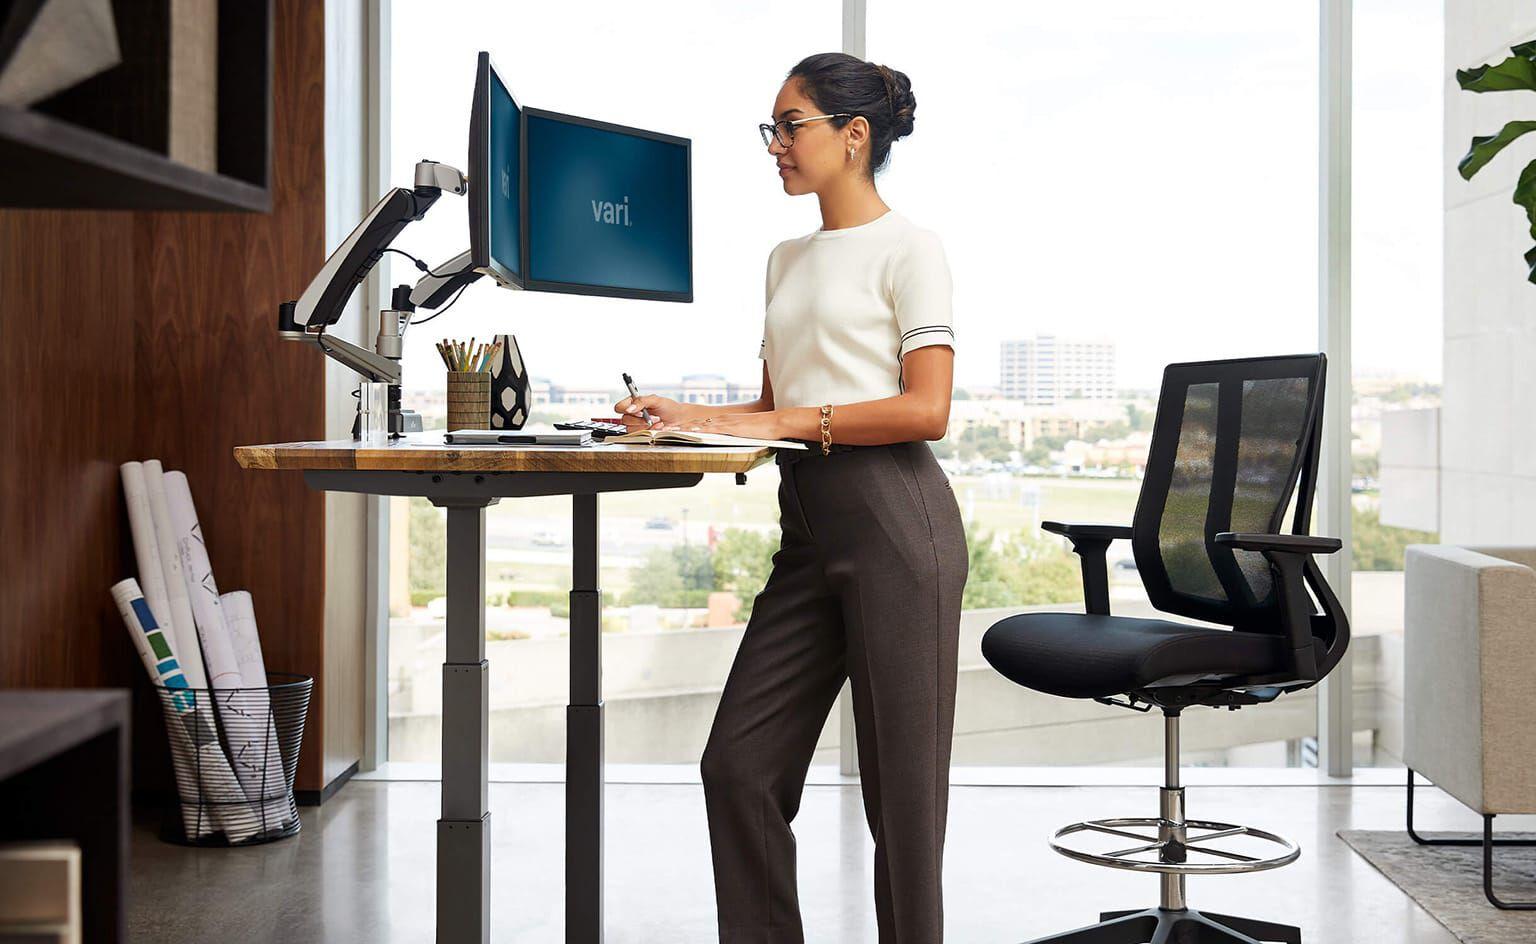 Standing Desks & Office Furniture  VARIDESK is Now Vari®